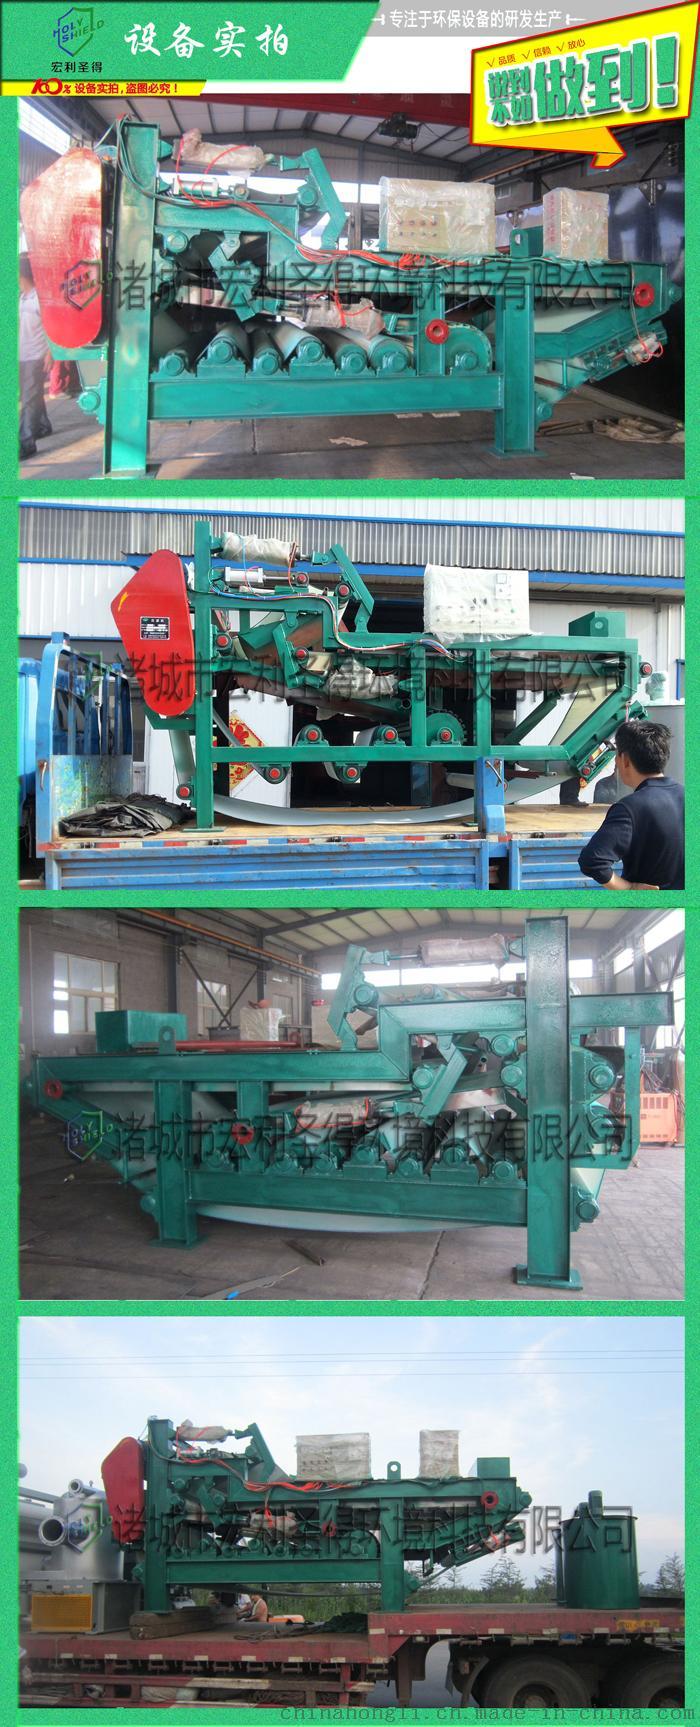 带式压滤机设备 污泥污水处理设备 舜都压滤机设备